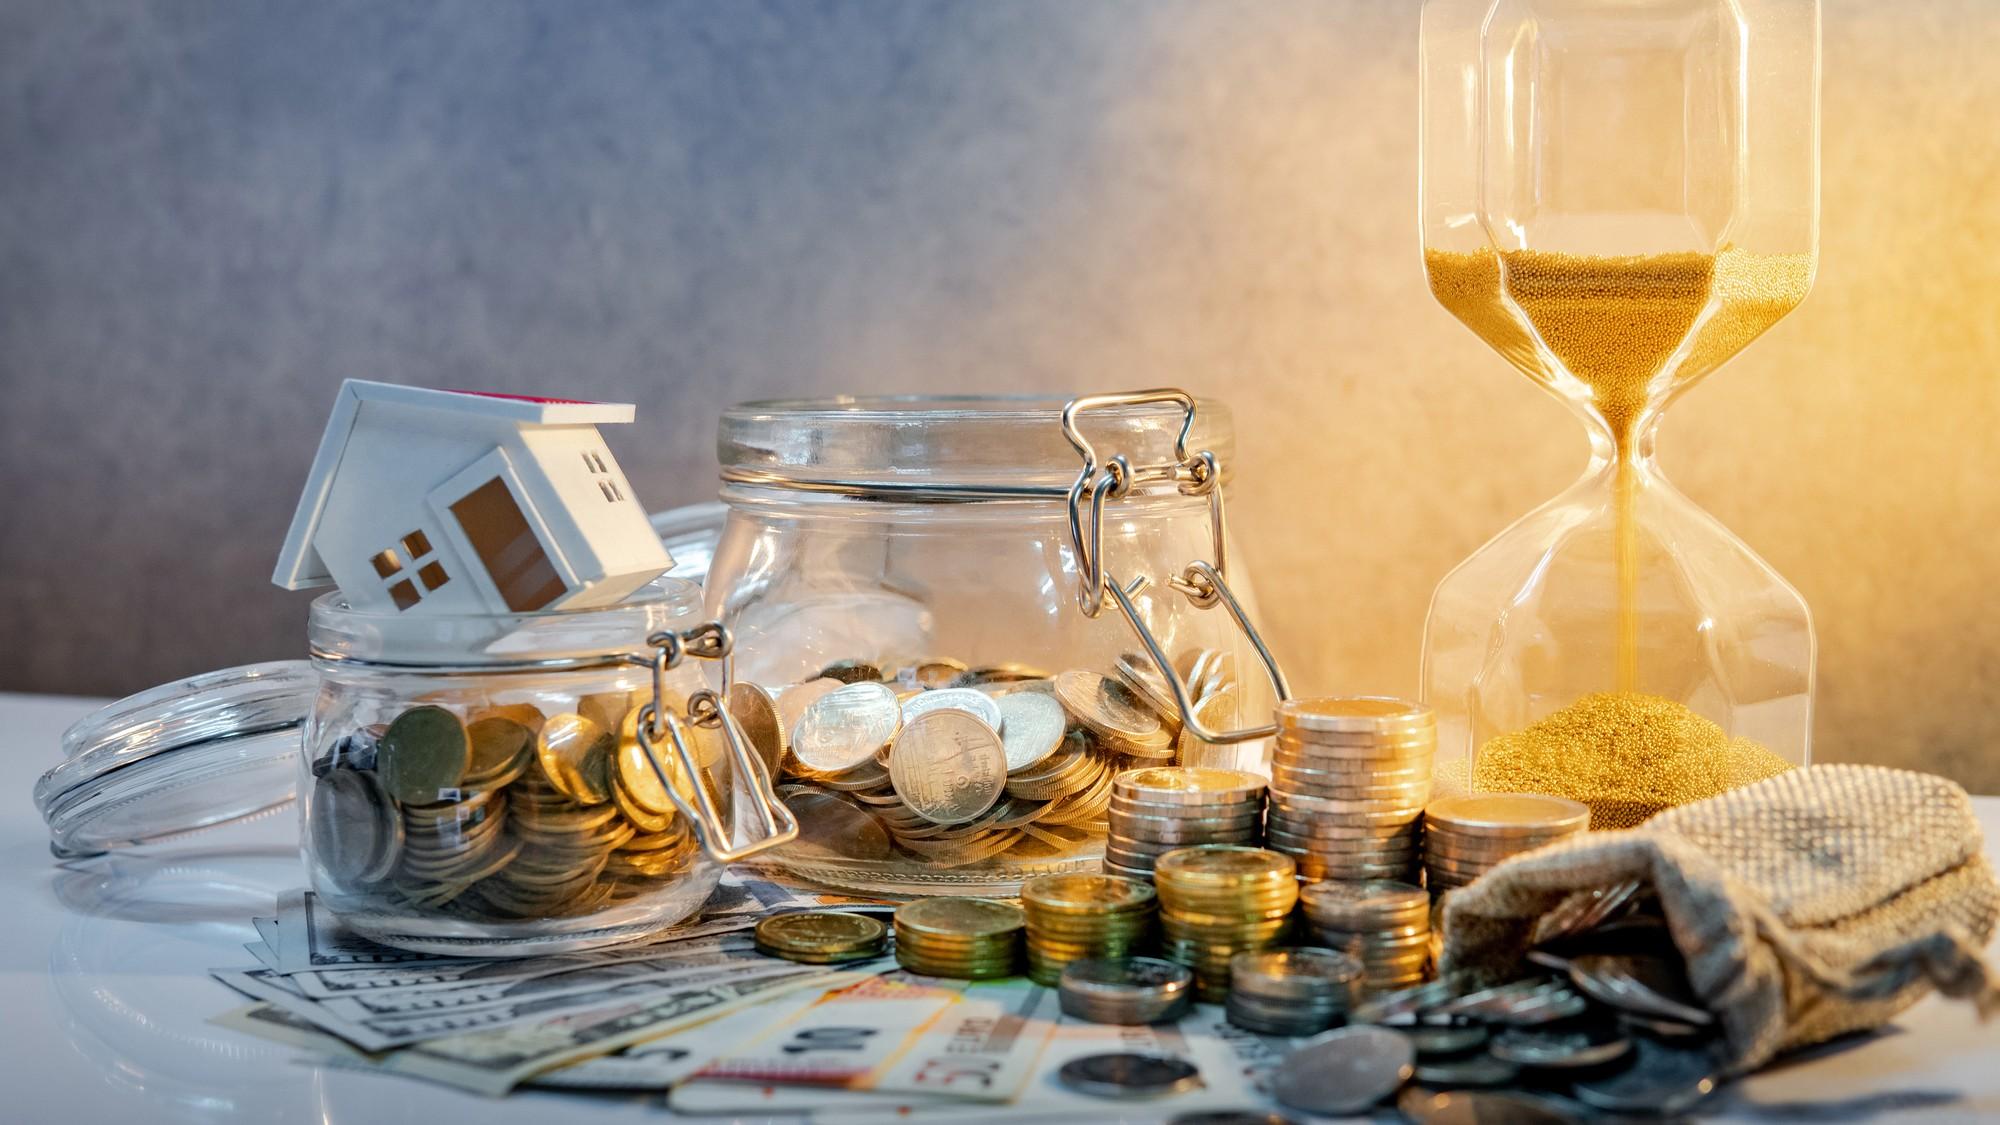 誰もが寄付した「共同募金」いったい何に使われているのか?